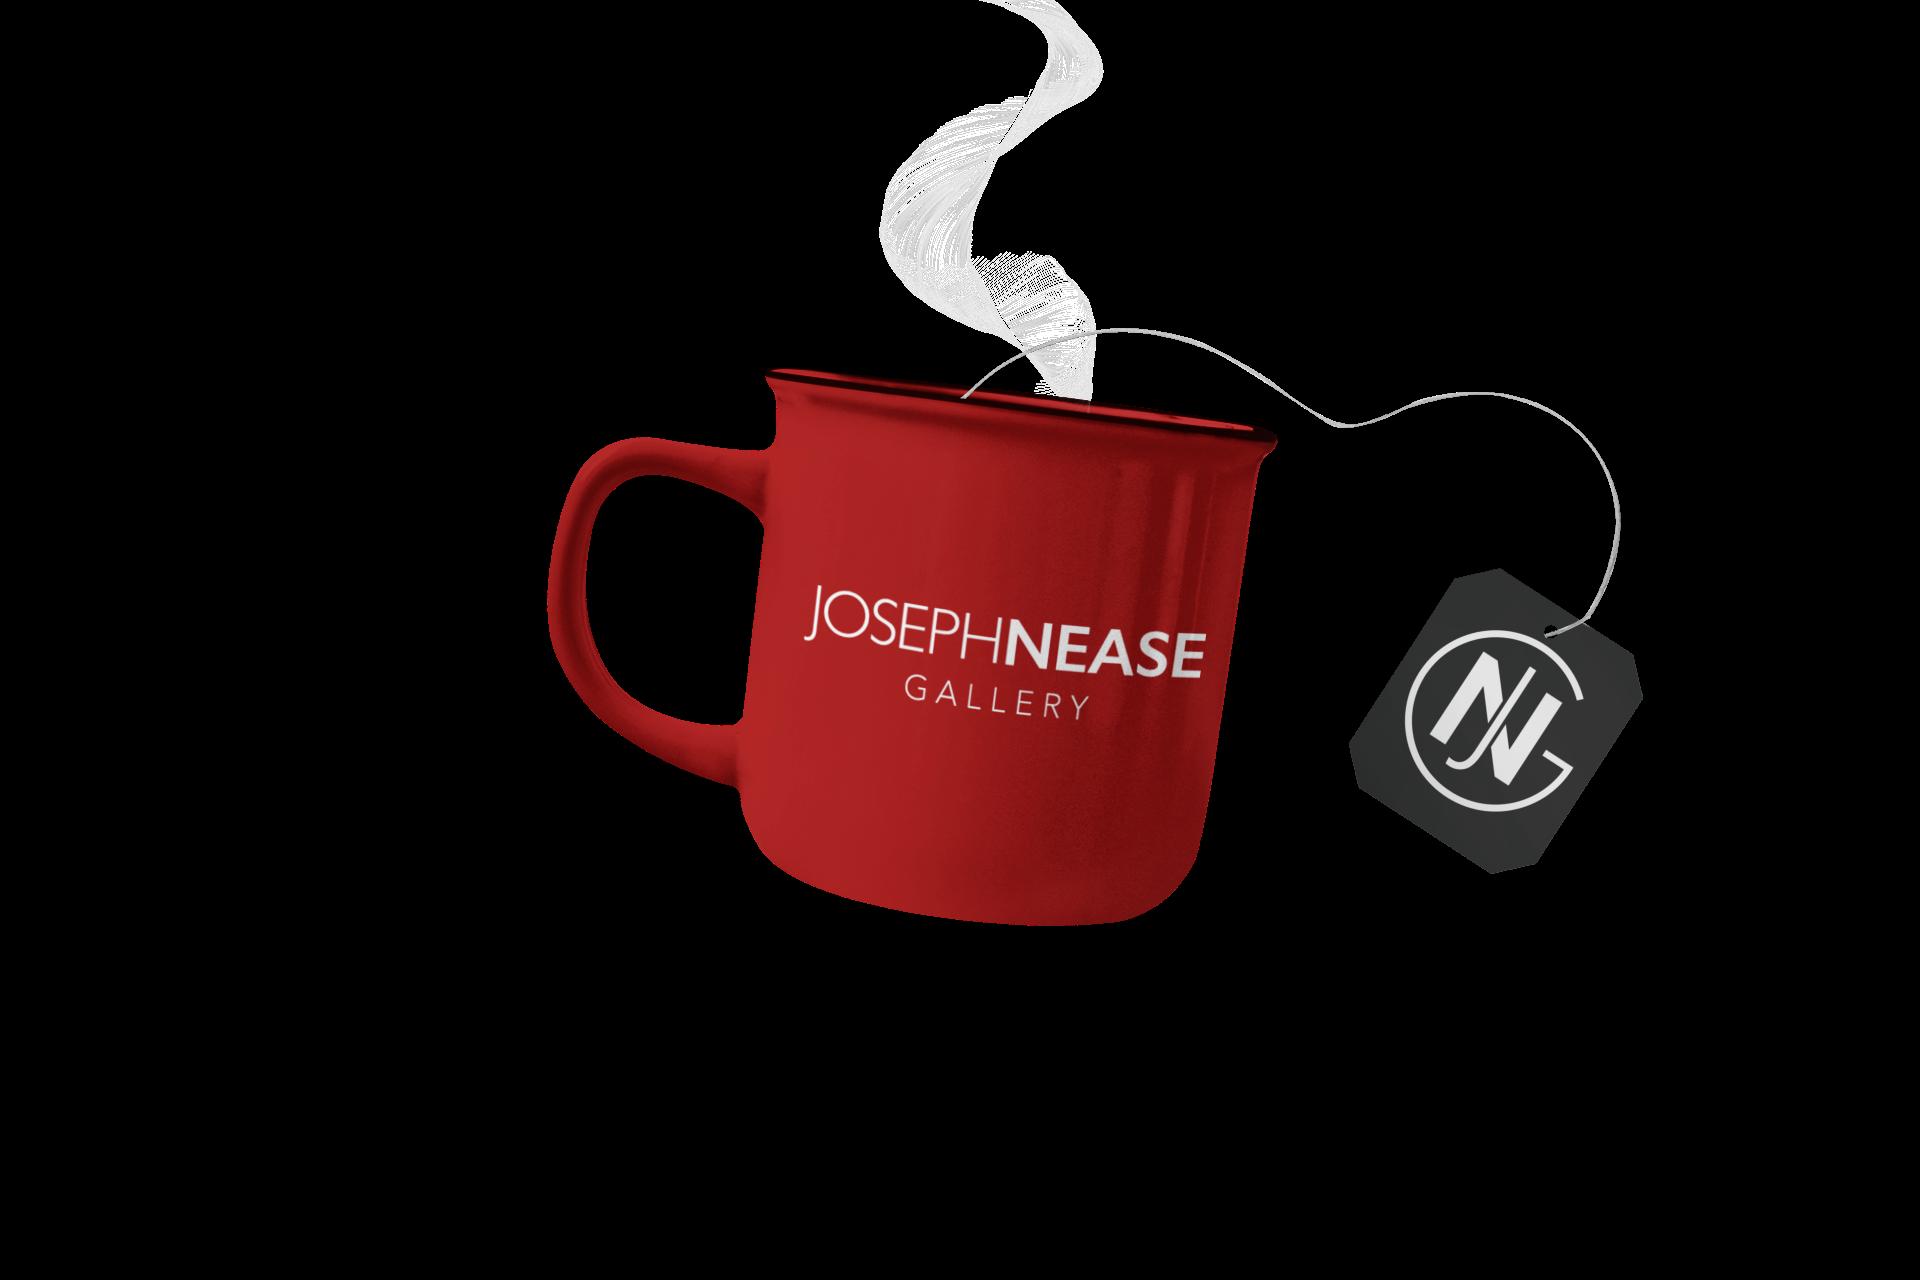 mockup-of-an-enamel-mug-featuring-a-tea-bag-label-2939-el1